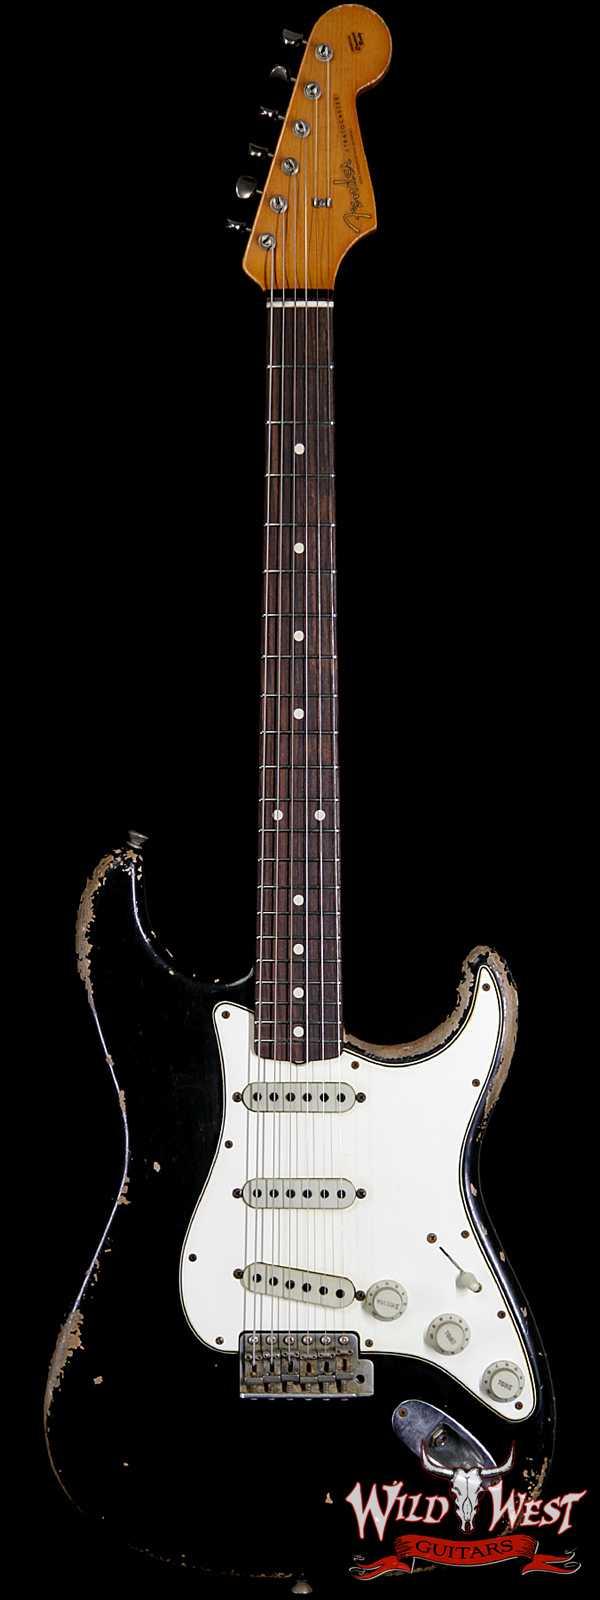 2020 NAMM Fender Custom Shop Vincent Van Trigt Masterbuilt 1959 Stratocaster Heavy Relic Rosewood Slab Board Black